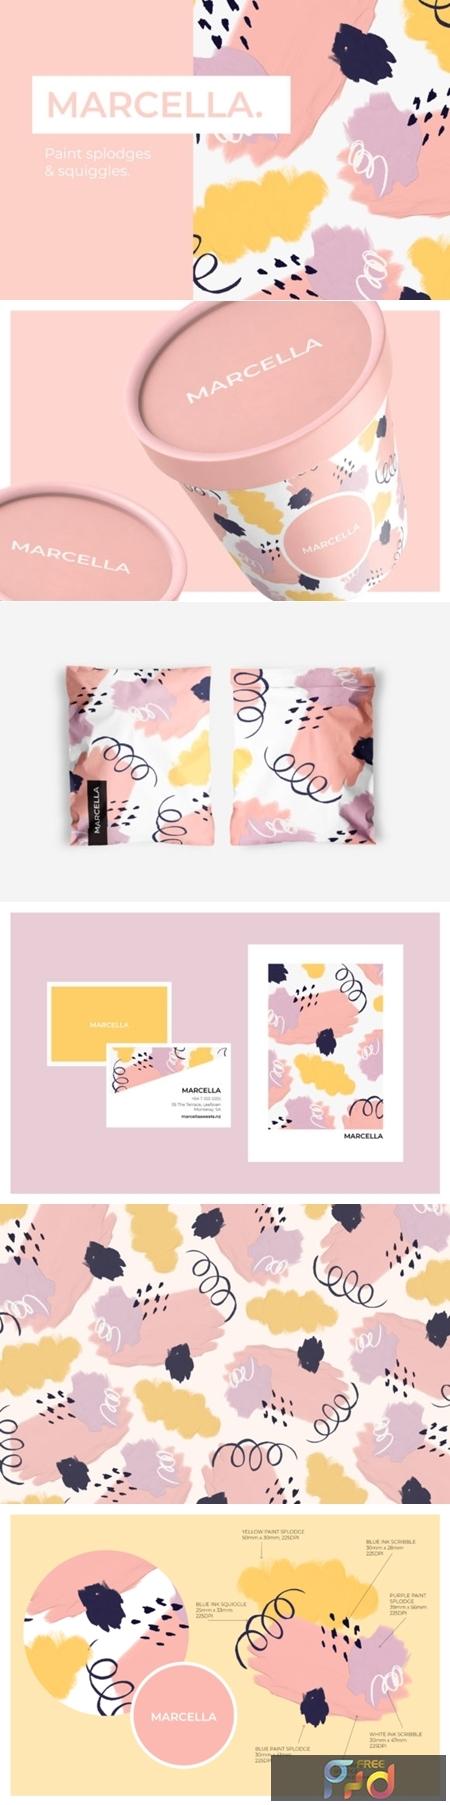 Pretty Pastel Paint Splodges 1505869 1